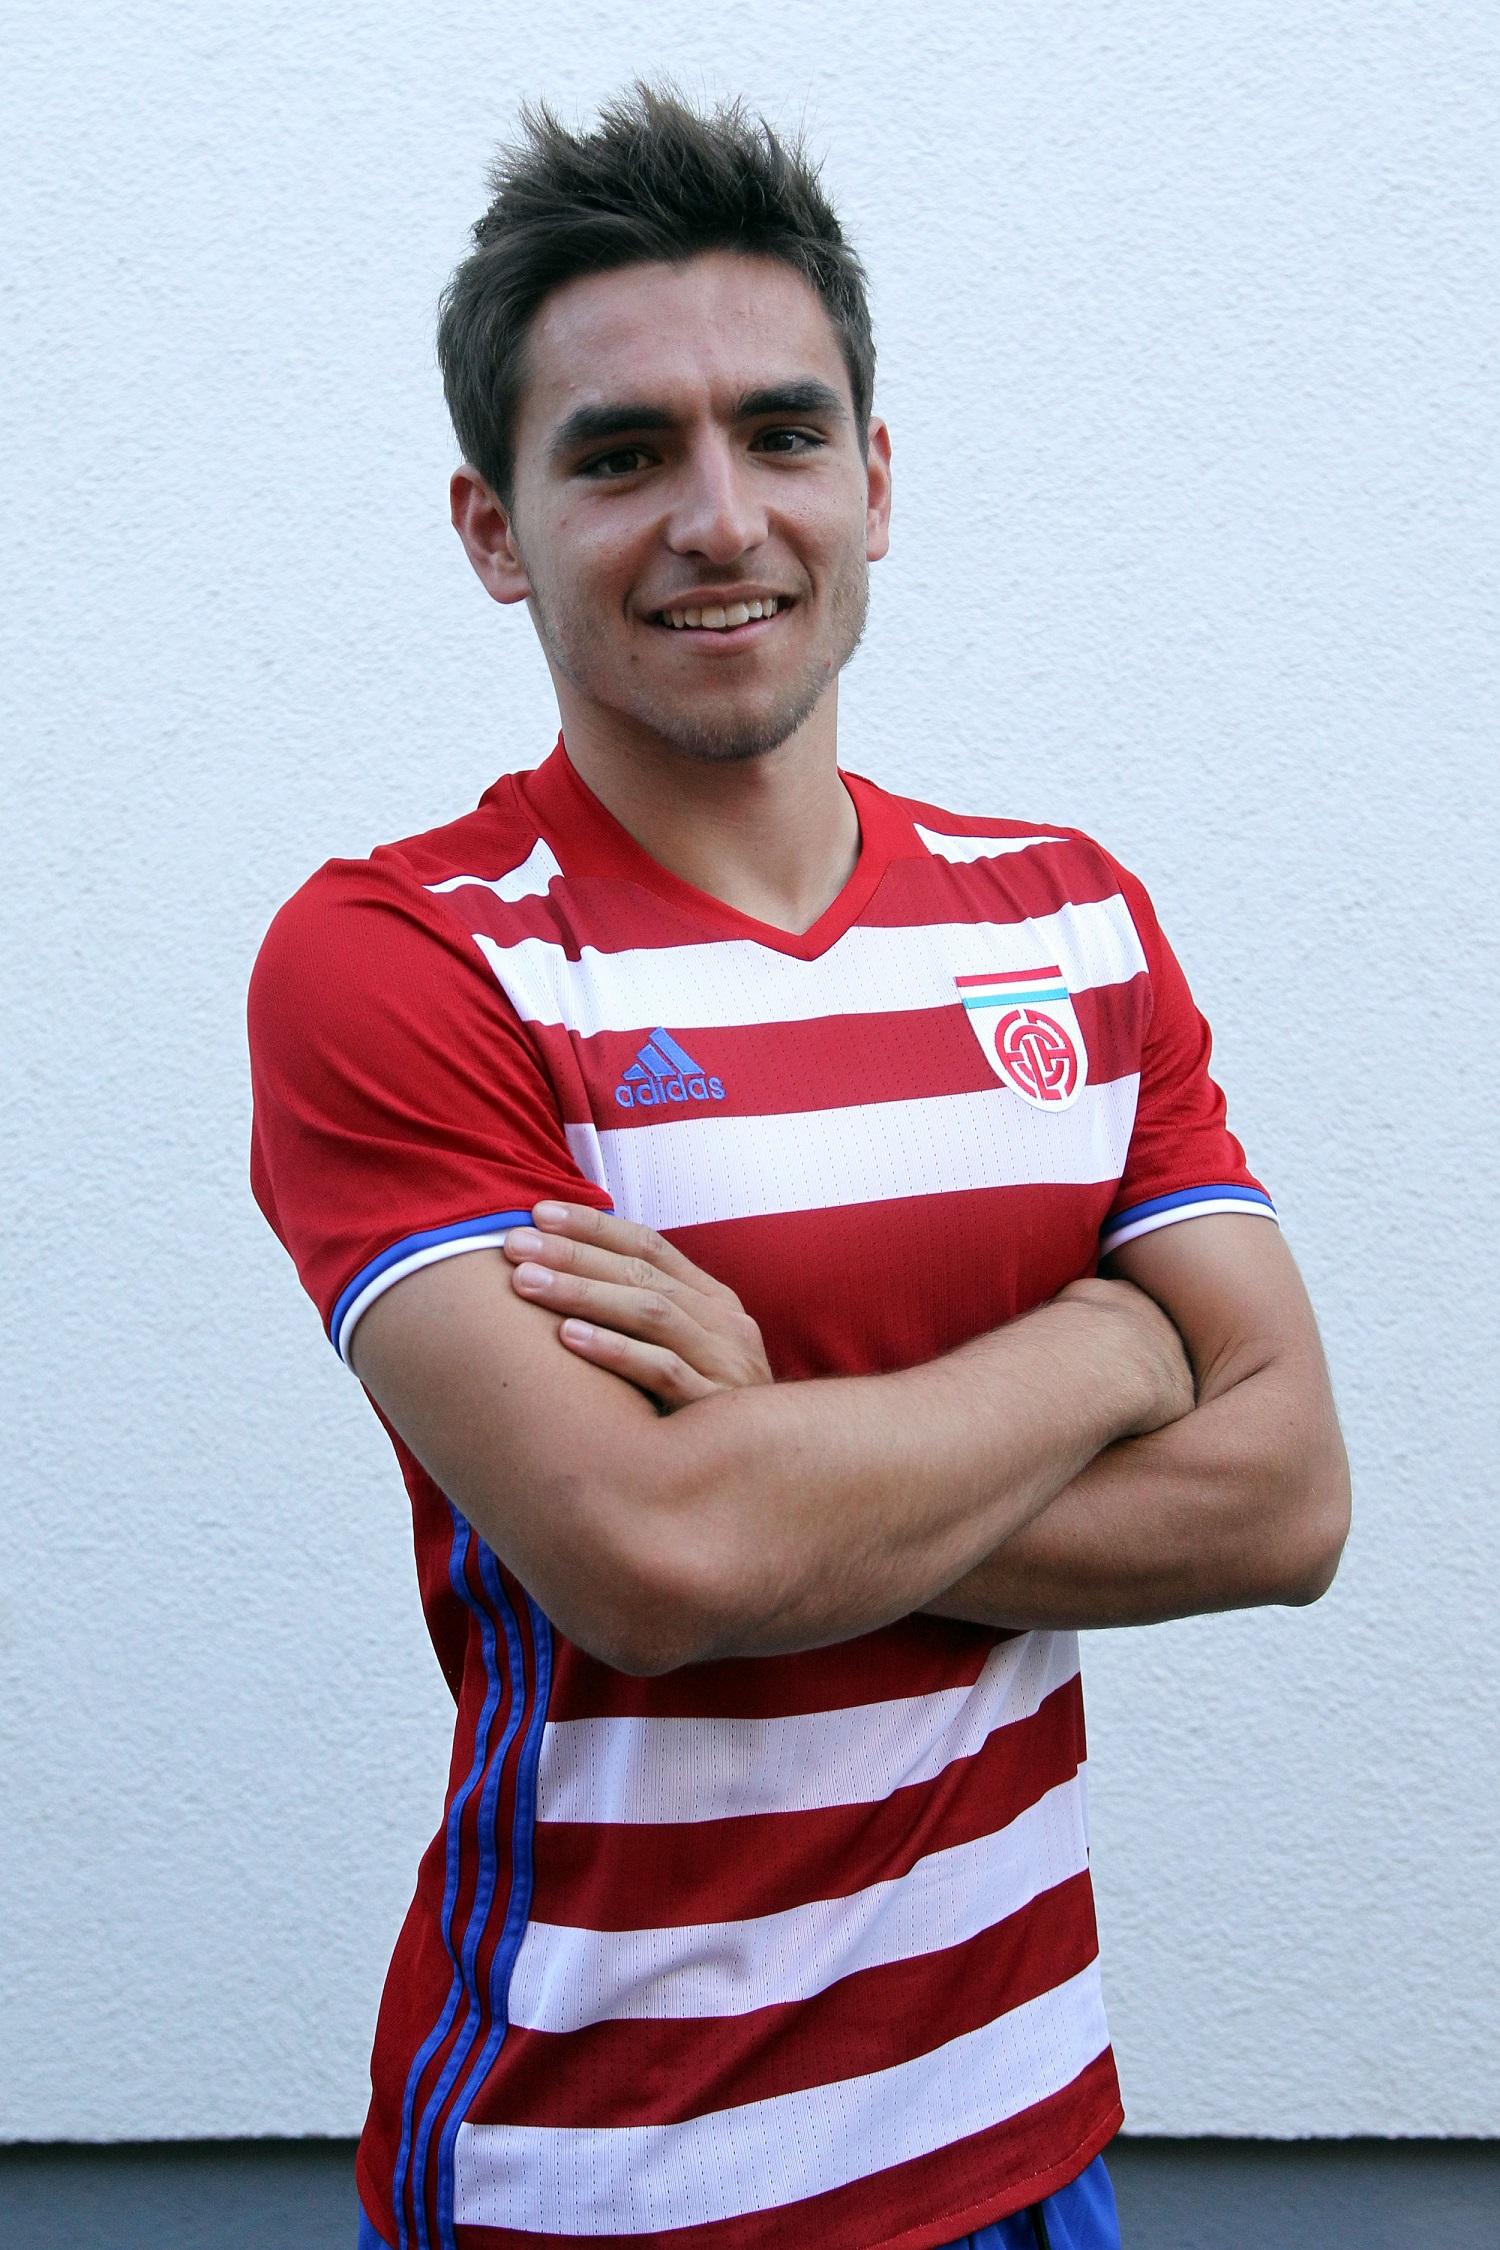 Cédric SACRAS reste fidèle au CS FOLA pendant les 2 prochaines saisons